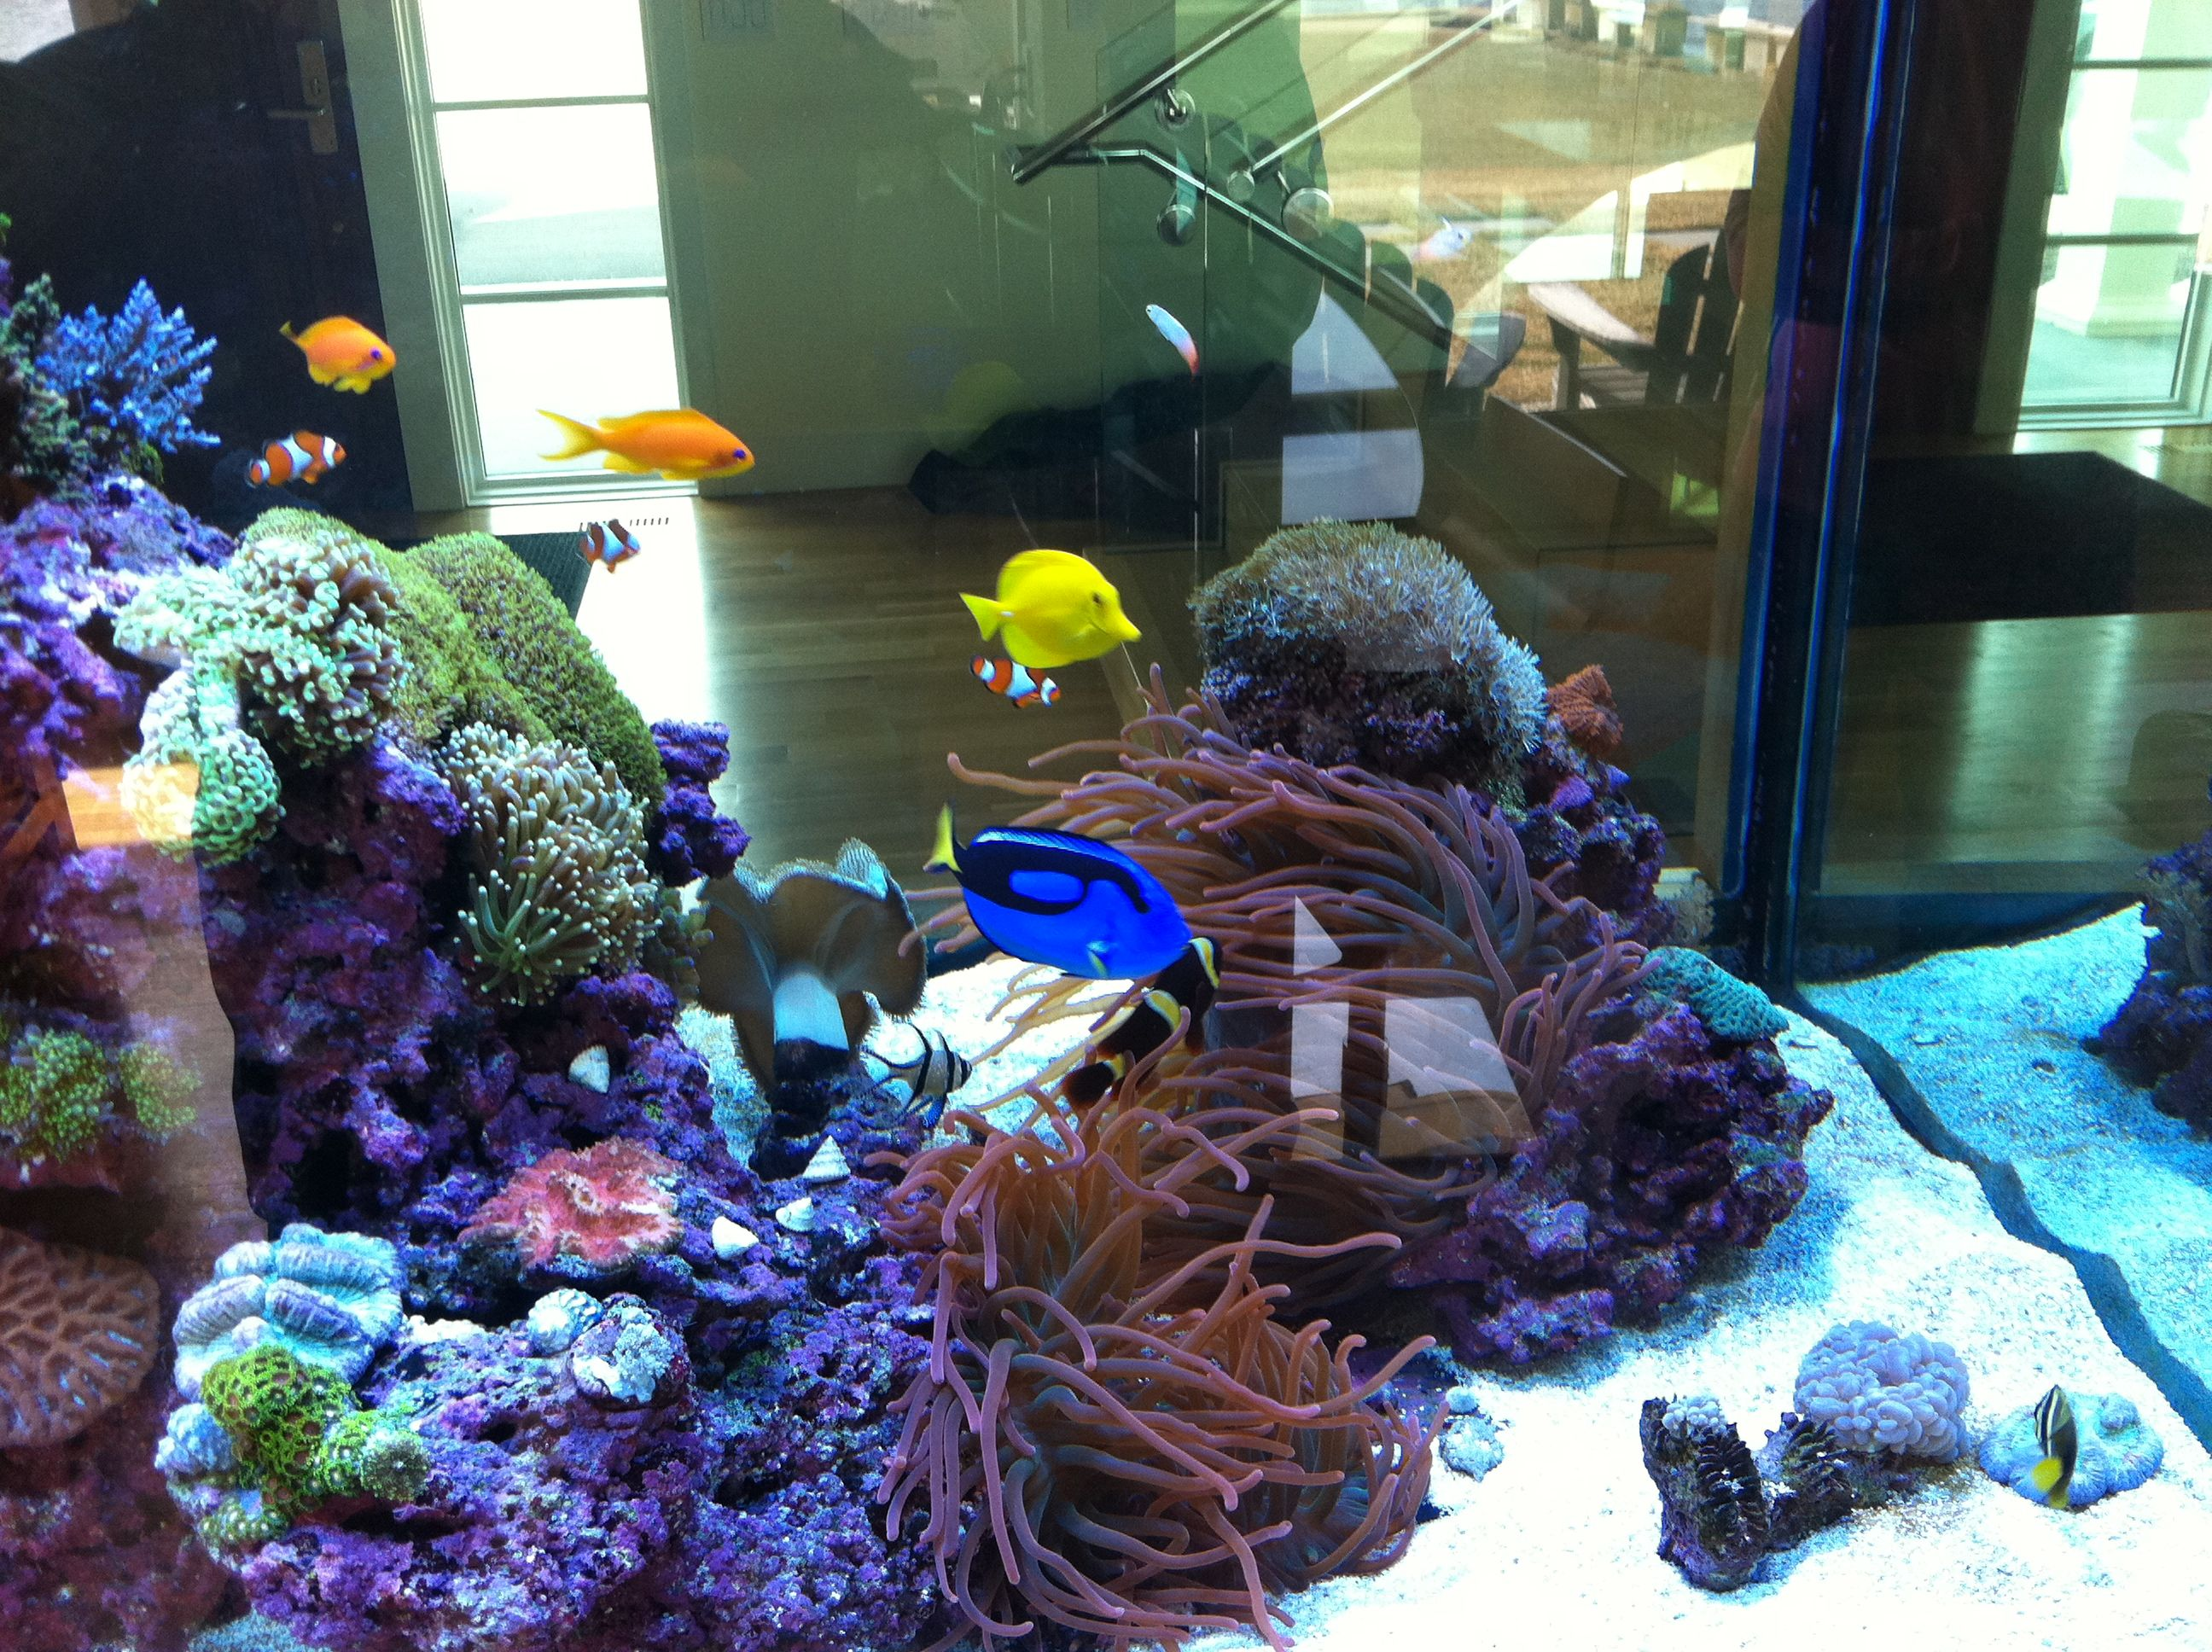 Saltwater Reef Aquarium Exhibit